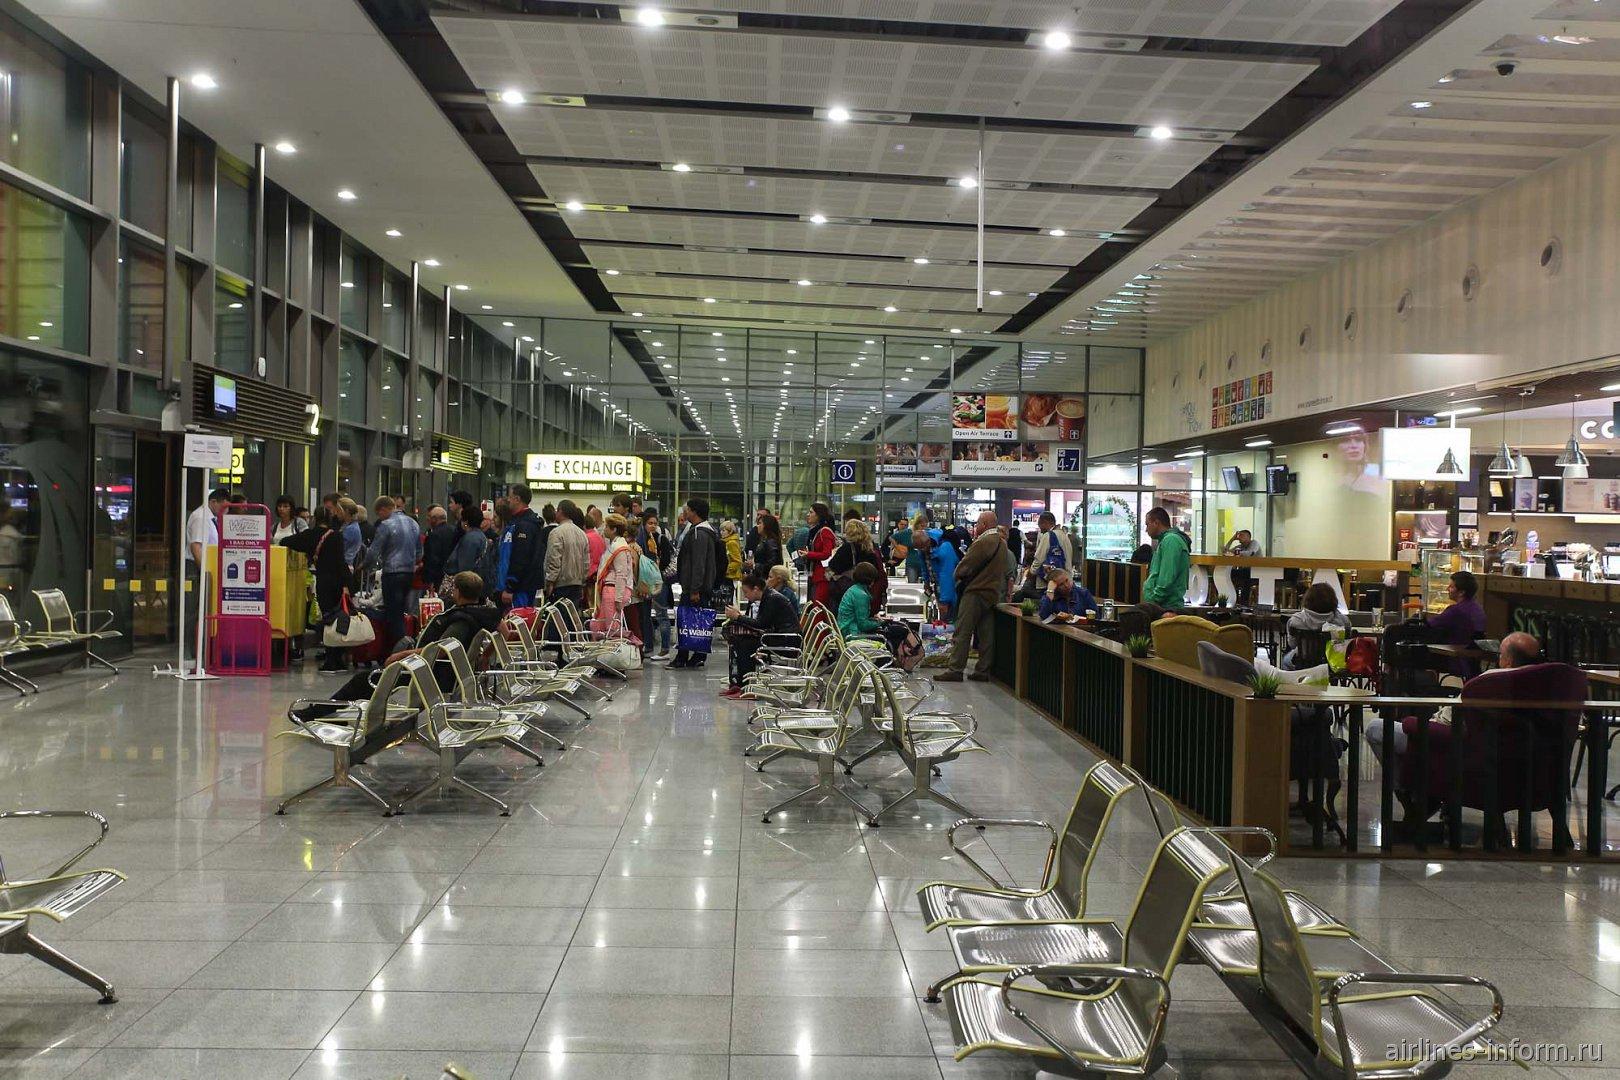 Выход на посадку в аэропорту Варна